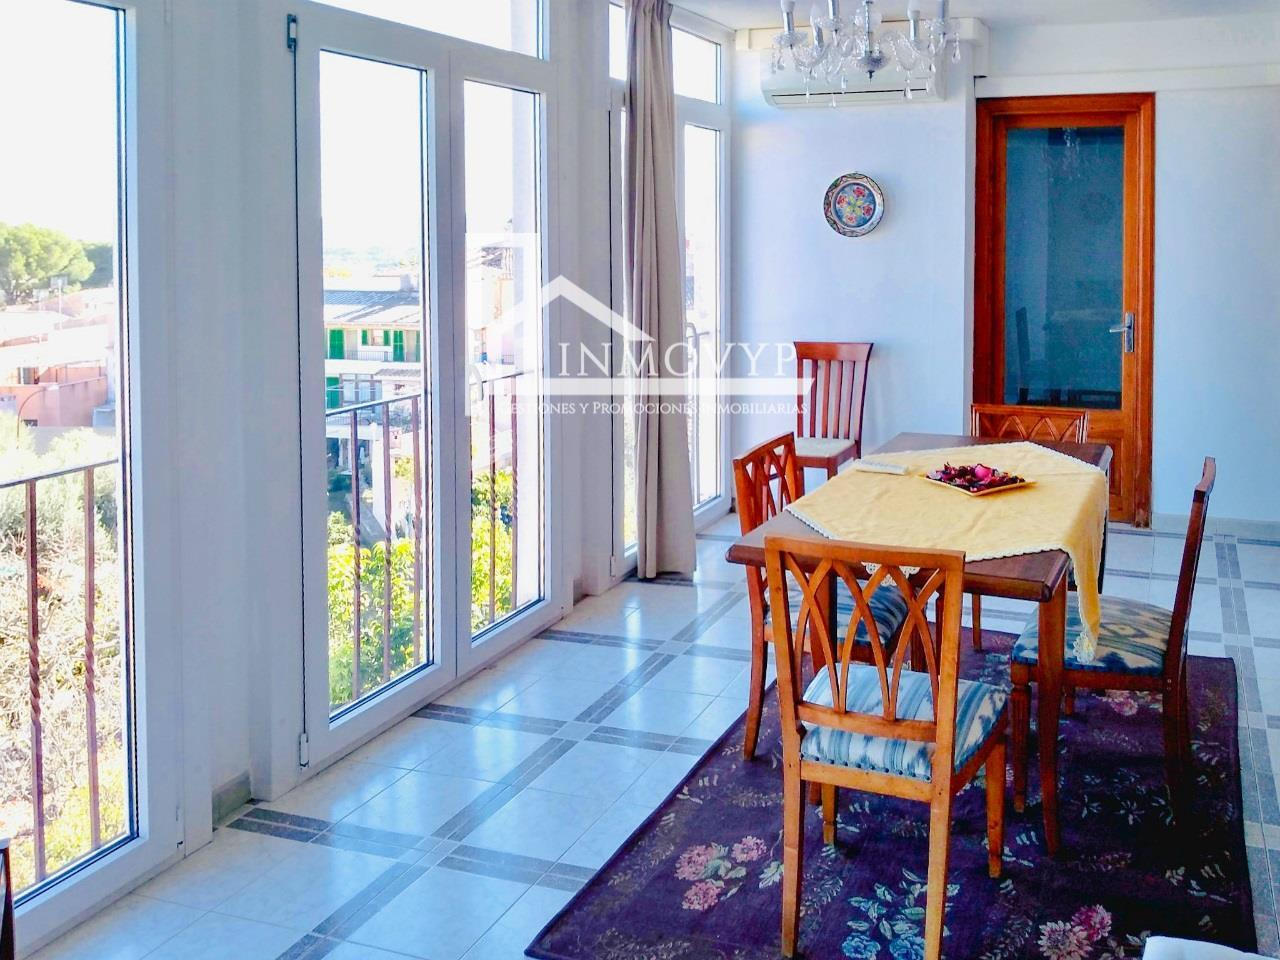 Affitto Appartamento  Catalina tomas dezca. Se alquila en Selva,  precioso piso amueblado y equipado con 180